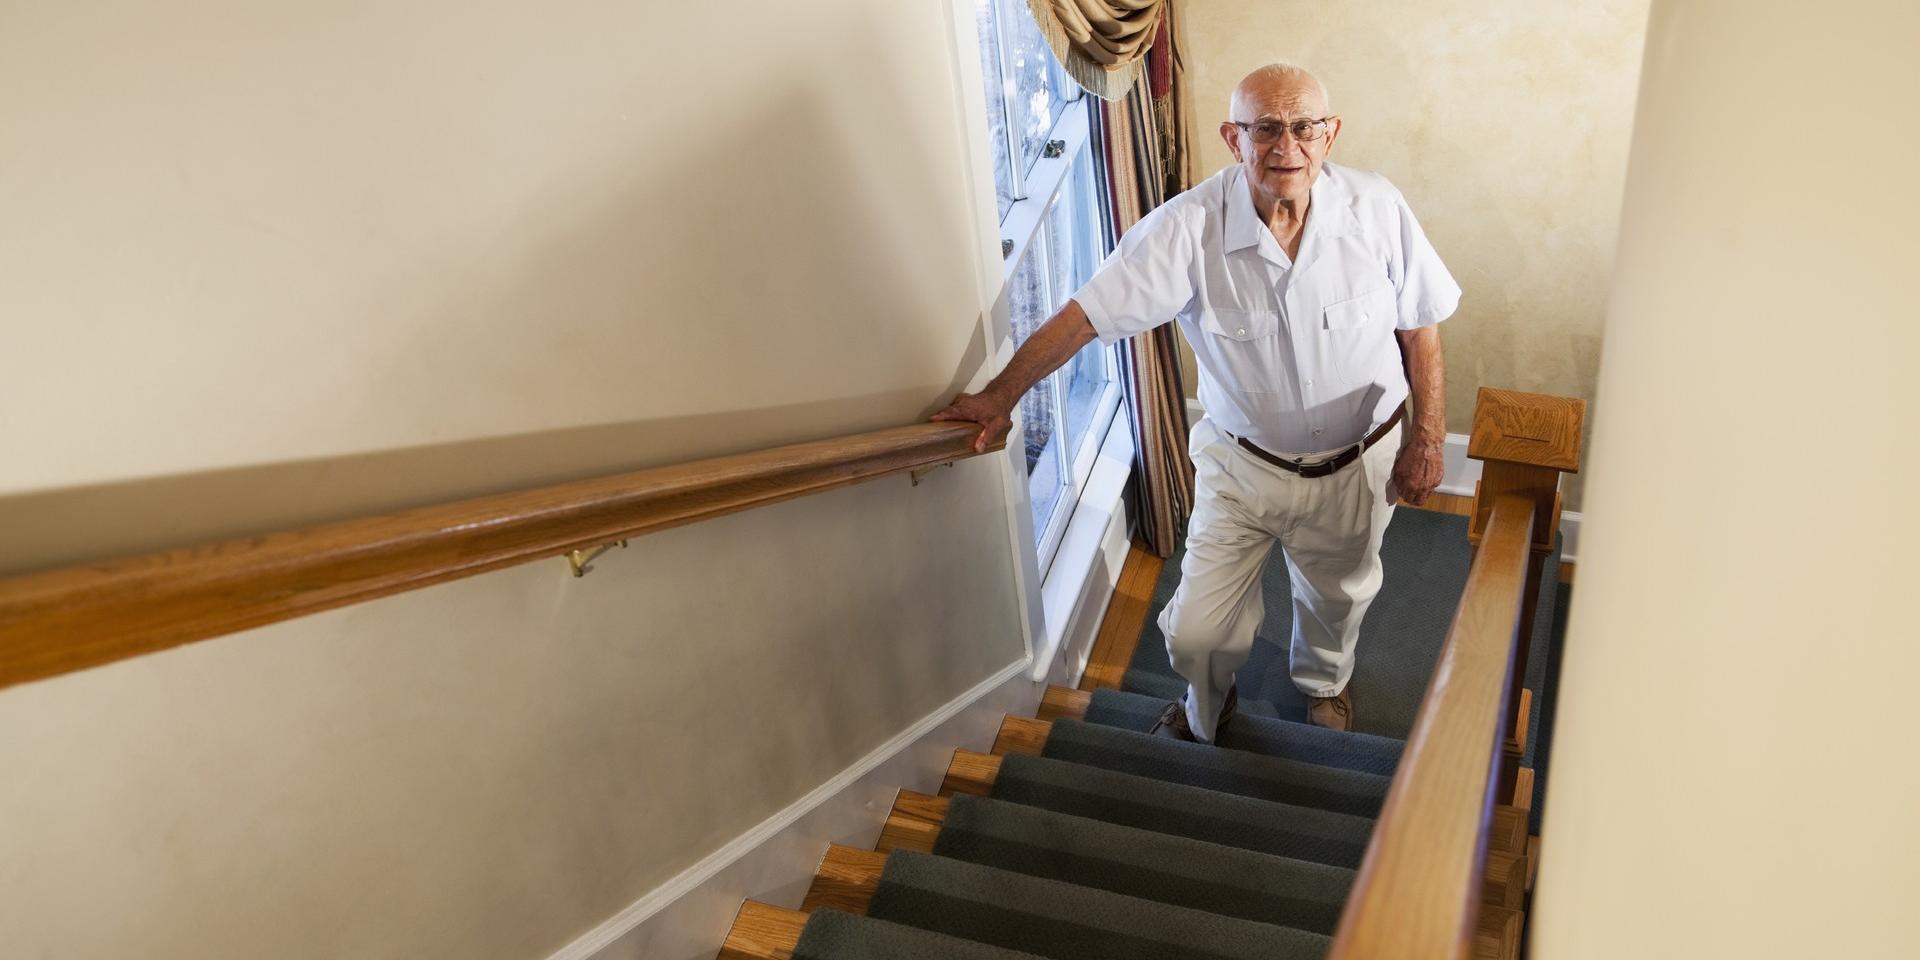 Blessures seniors à domicile